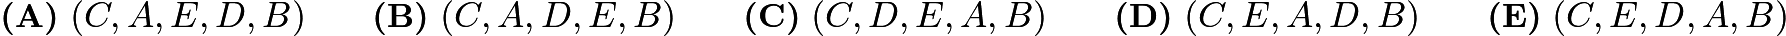 $\textbf{(A)}\ (C, A, E, D, B) \qquad \textbf{(B)}\ (C, A, D, E, B) \qquad \textbf{(C)}\ (C, D, E, A, B) \qquad \textbf{(D)}\ (C, E, A, D, B) \qquad \textbf{(E)}\ (C, E, D, A, B)$